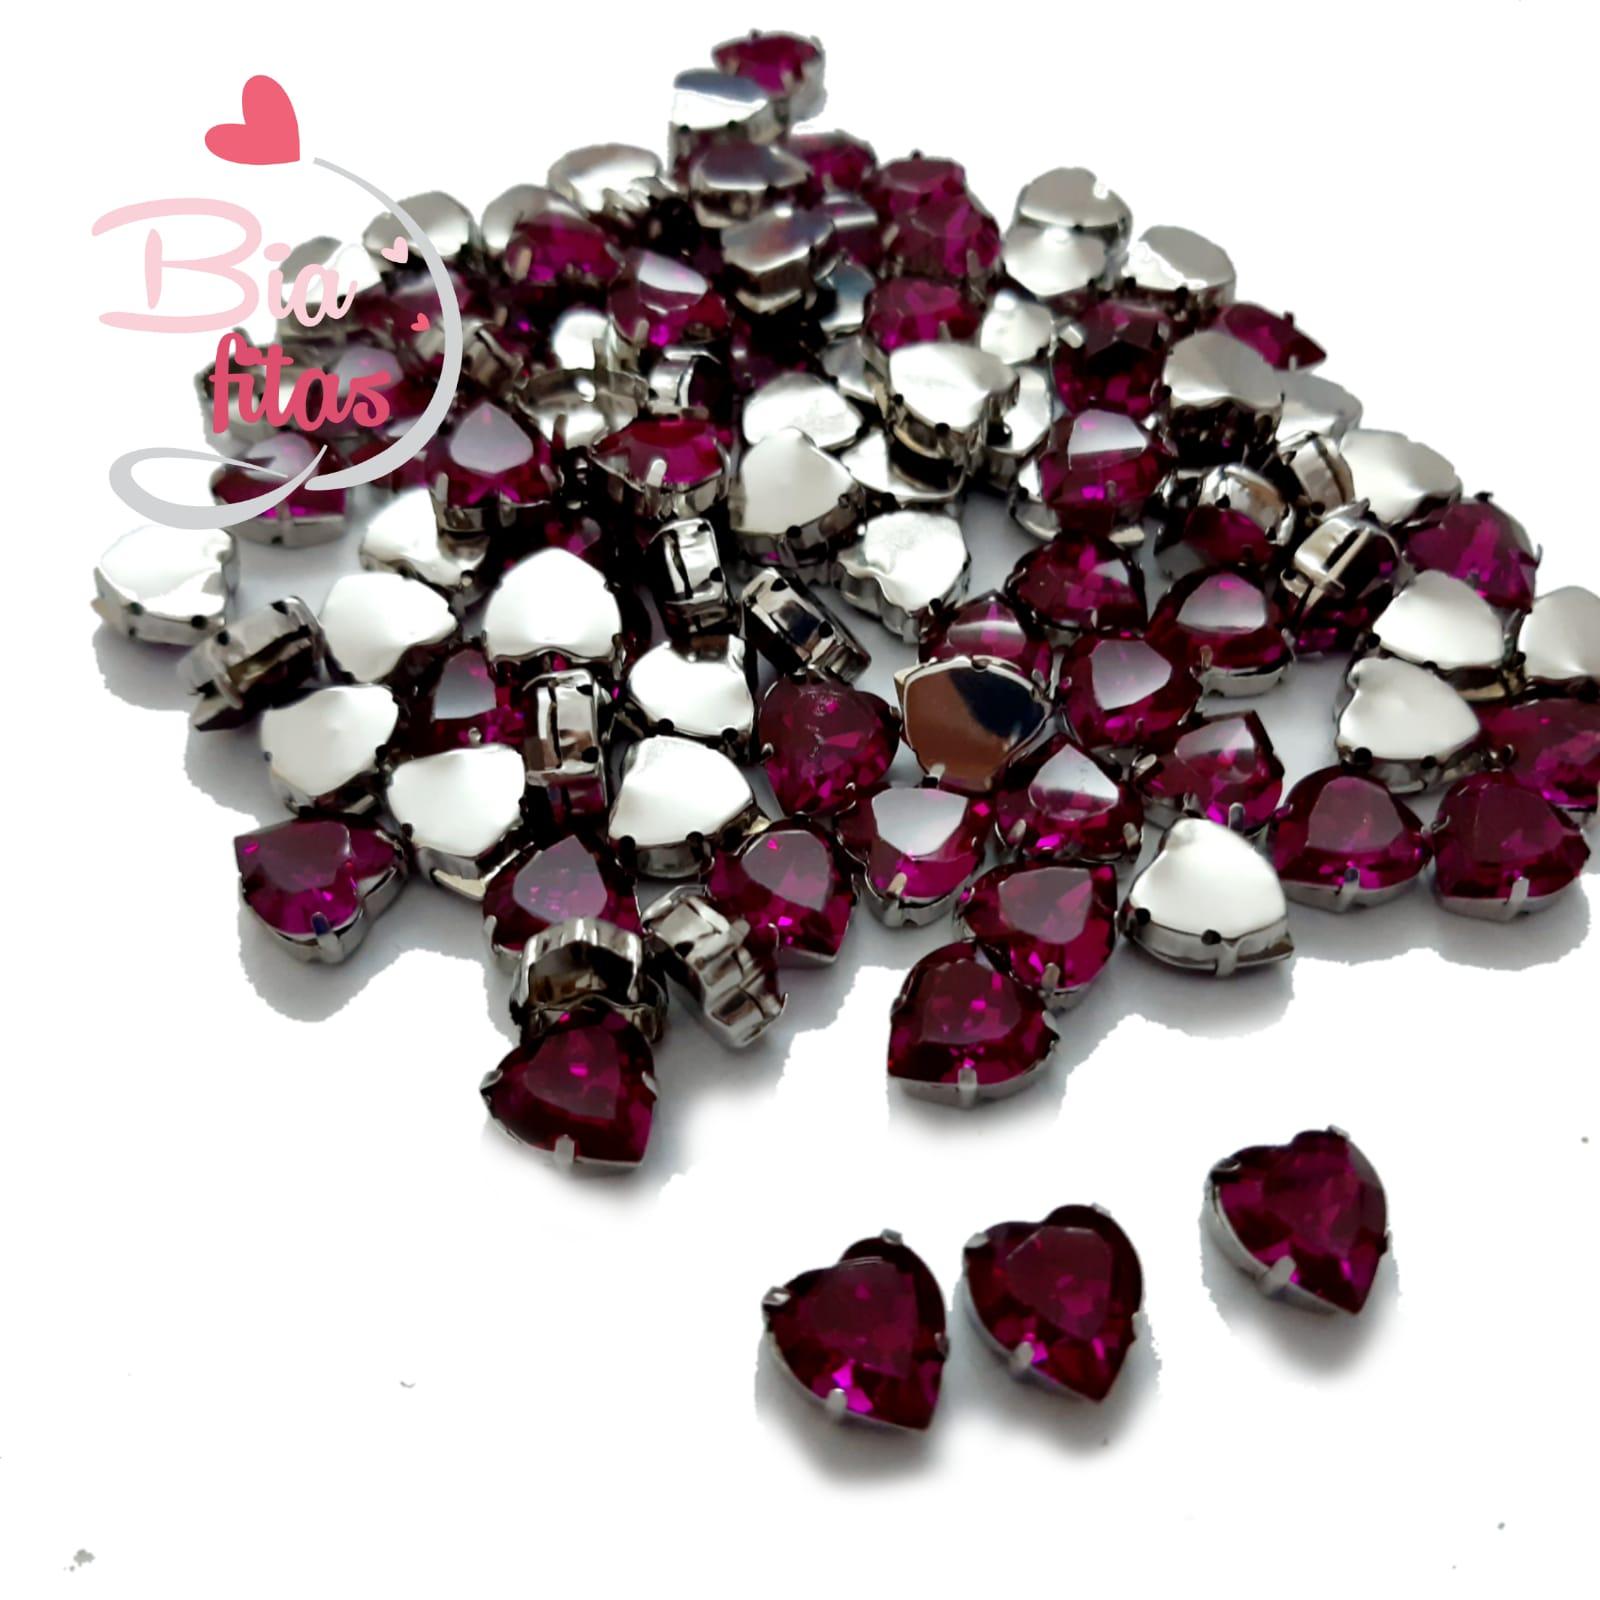 Chatom Pedra com Garras Coração Pink (5unidades)